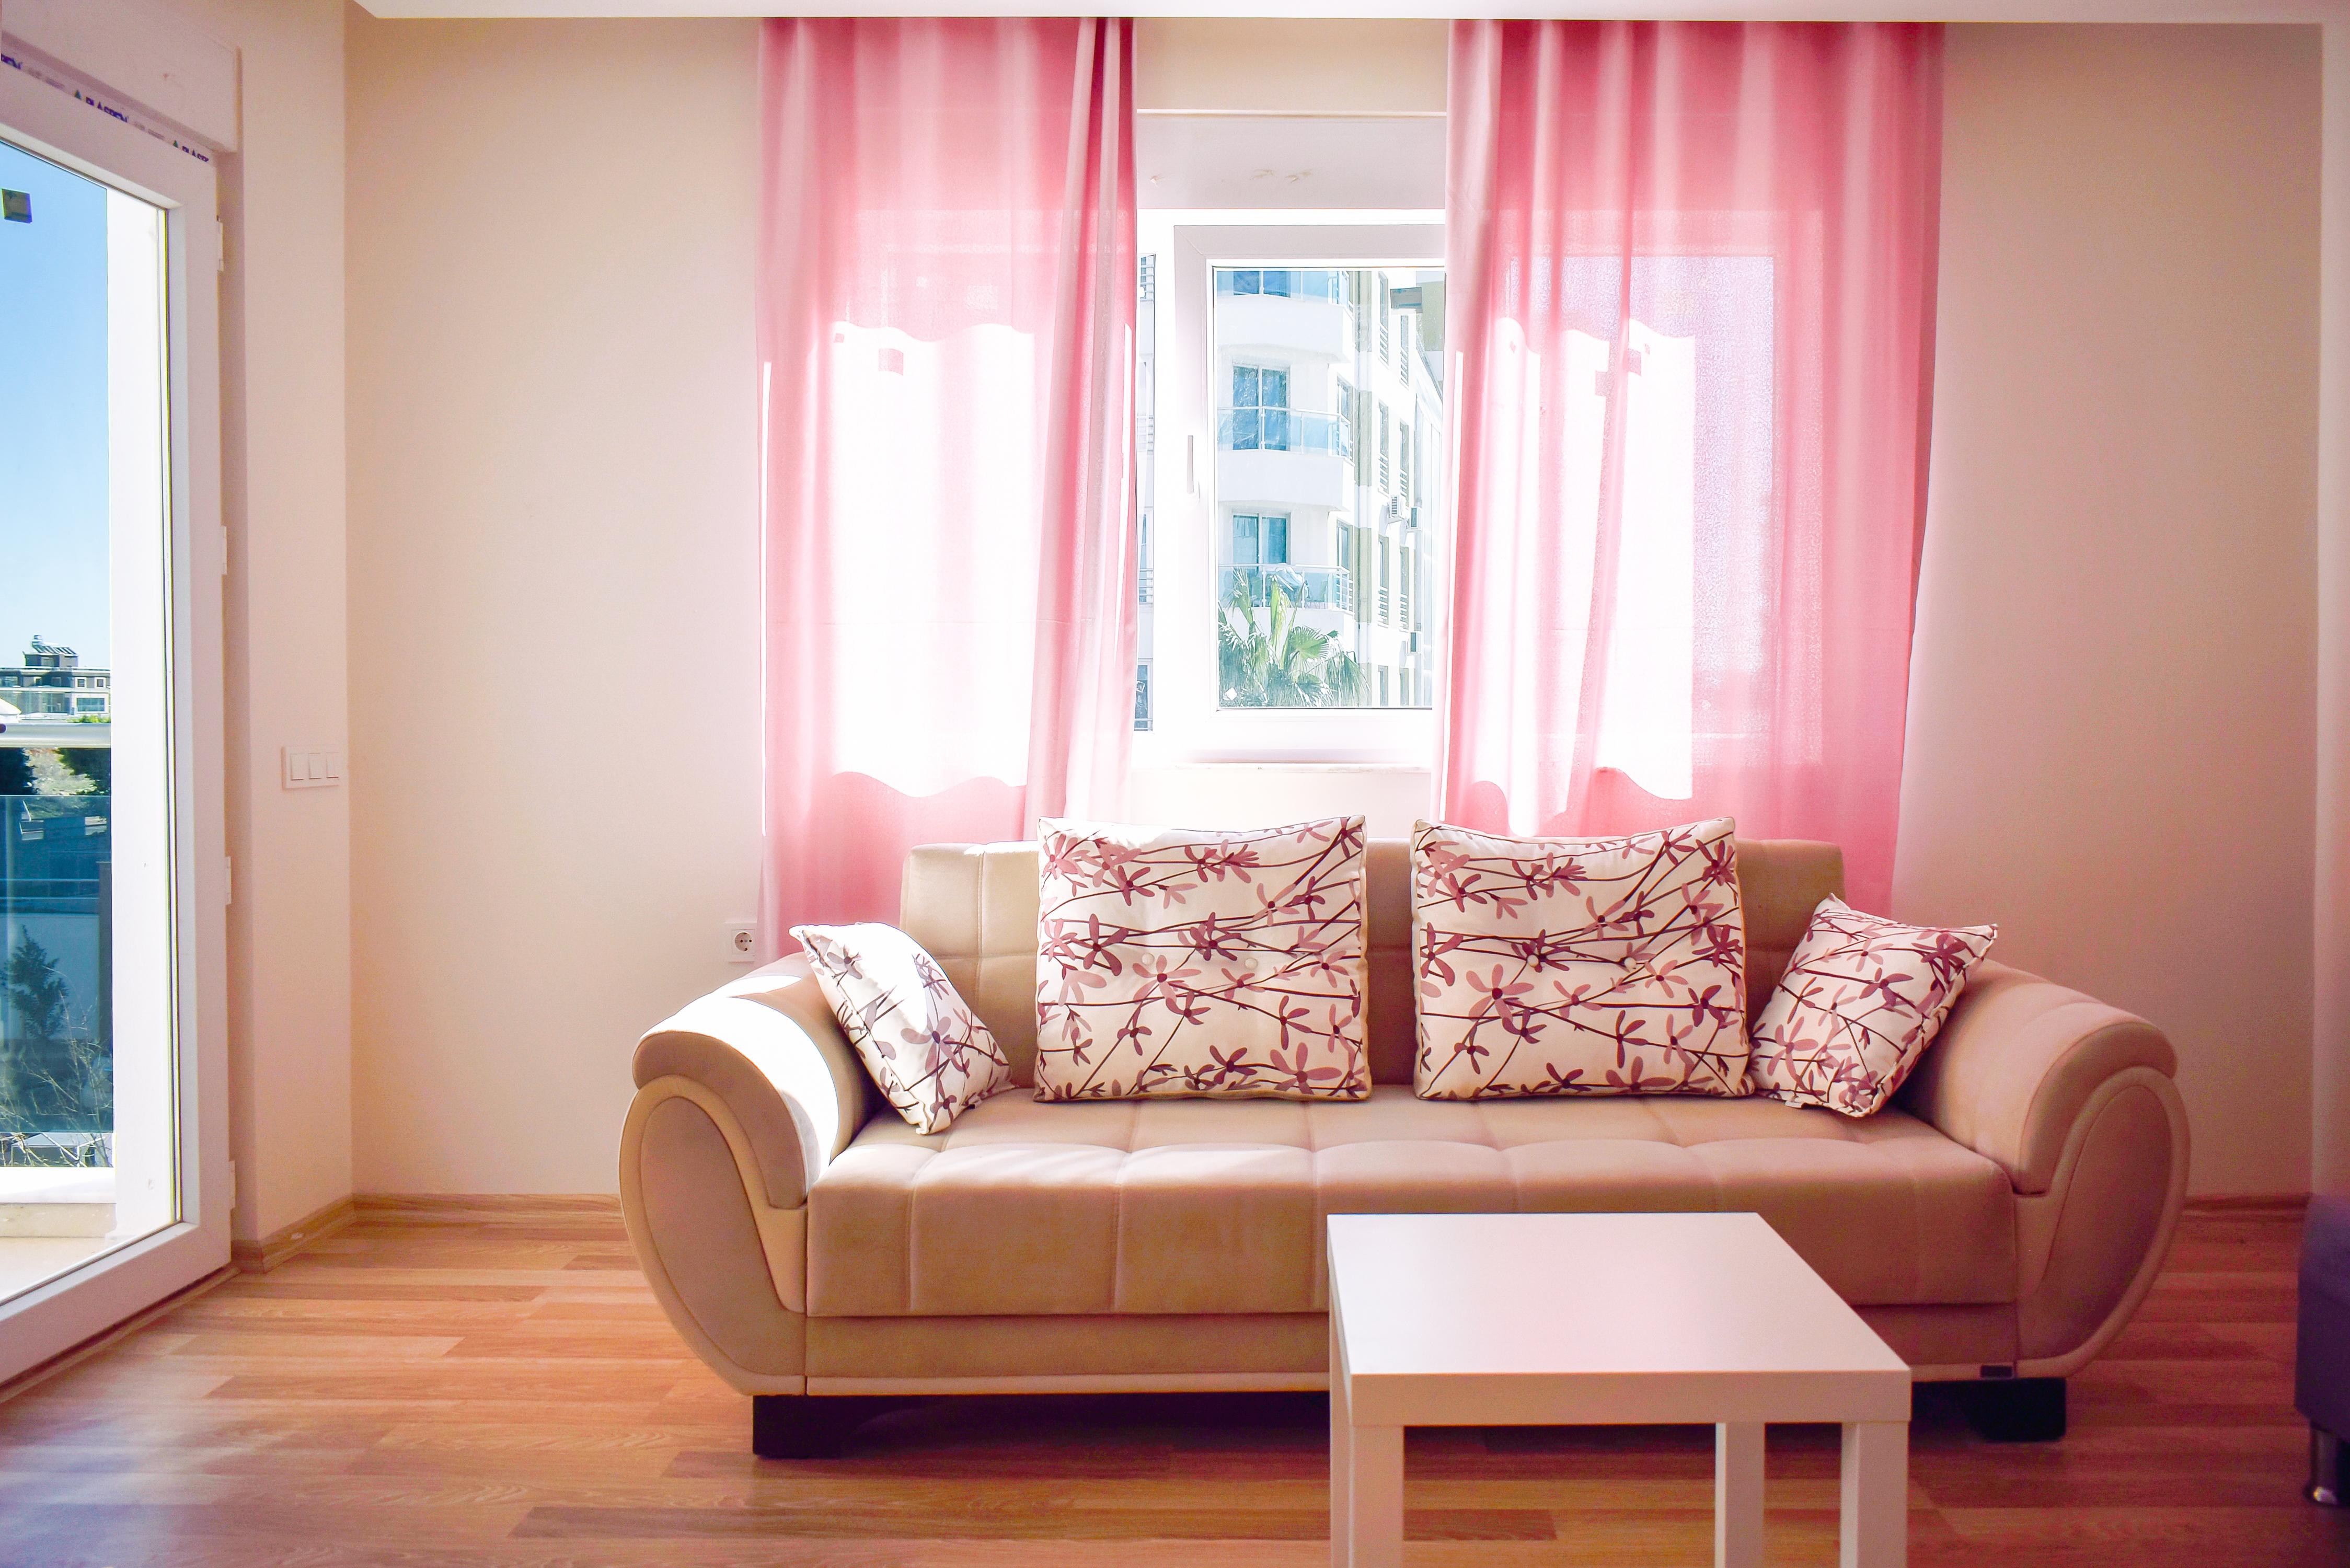 Ferienwohnung Gemtliche 2 Schlafzimmer mit Blick auf die Berge Gratis Wifi (2782156), Çakirlar, , Mittelmeerregion, Türkei, Bild 1